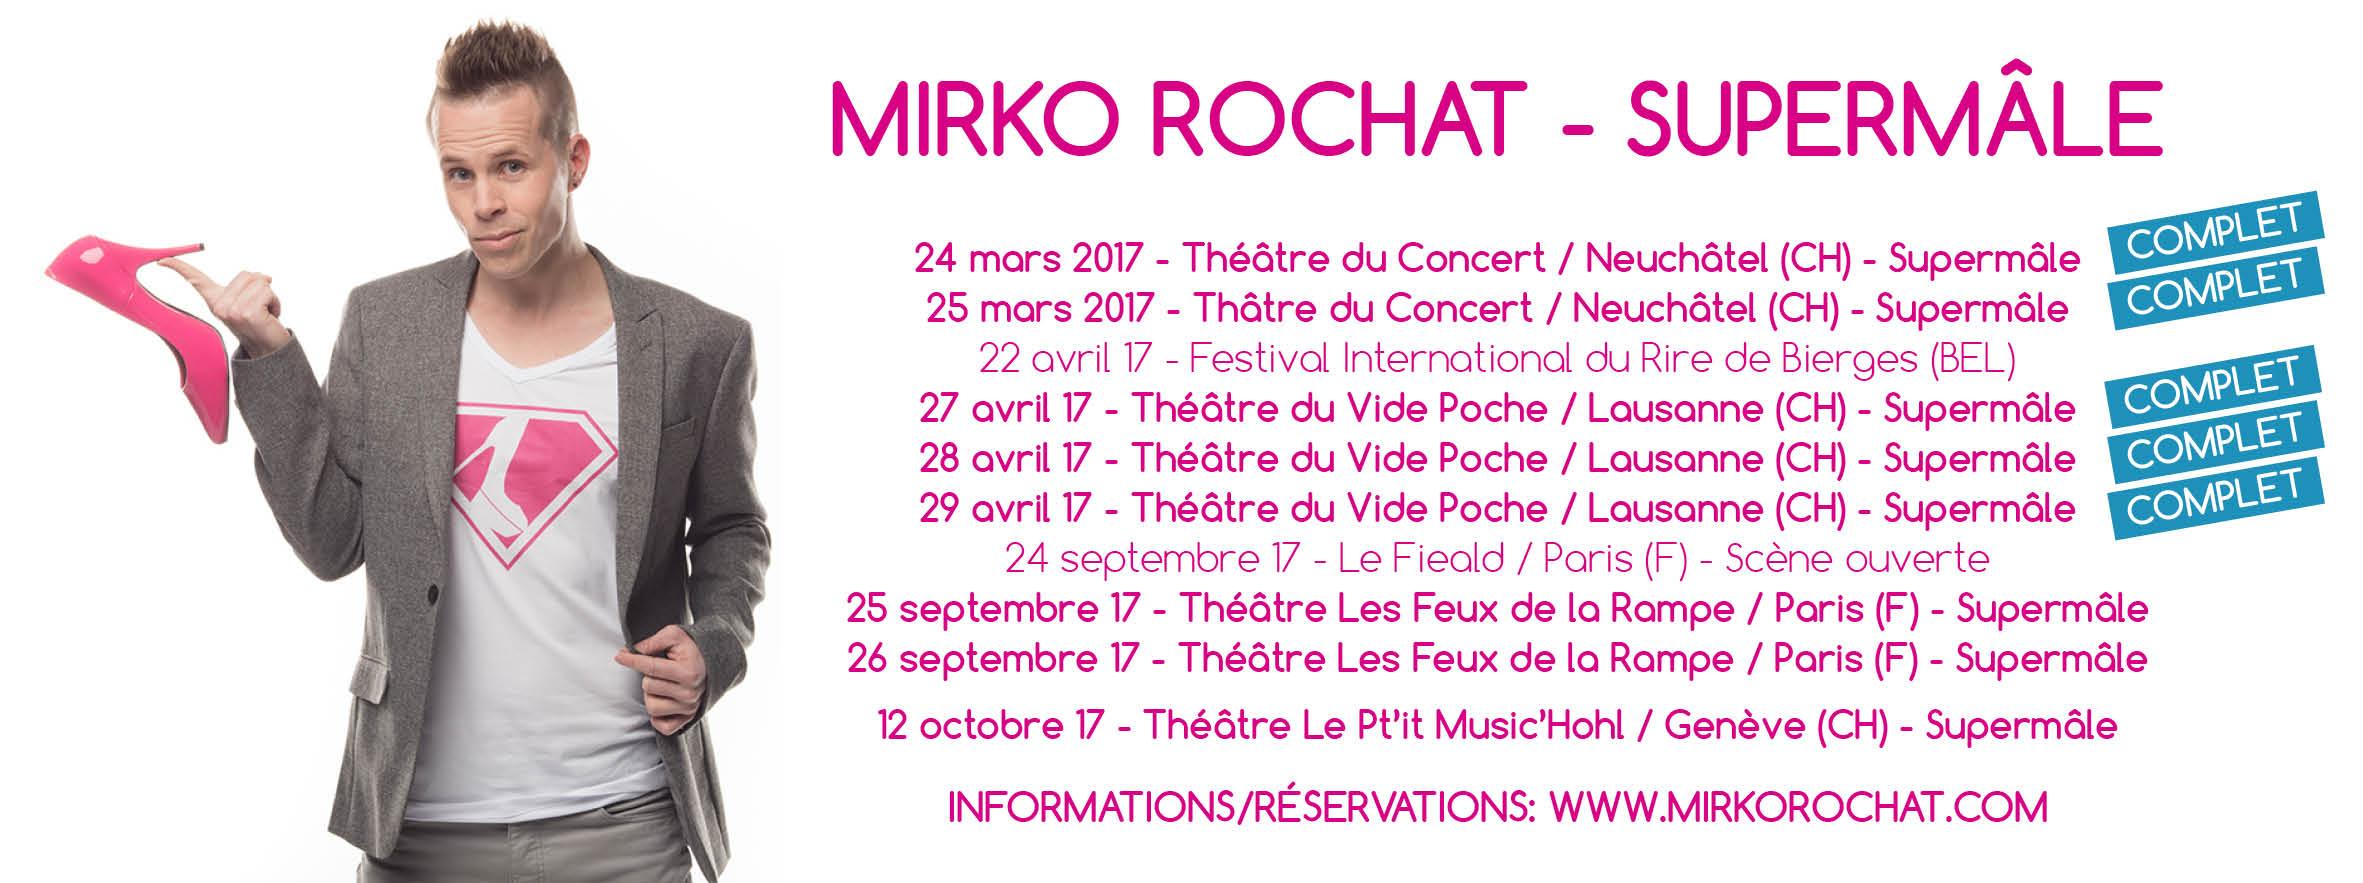 Mirko Rochat - Supermâles - Dates